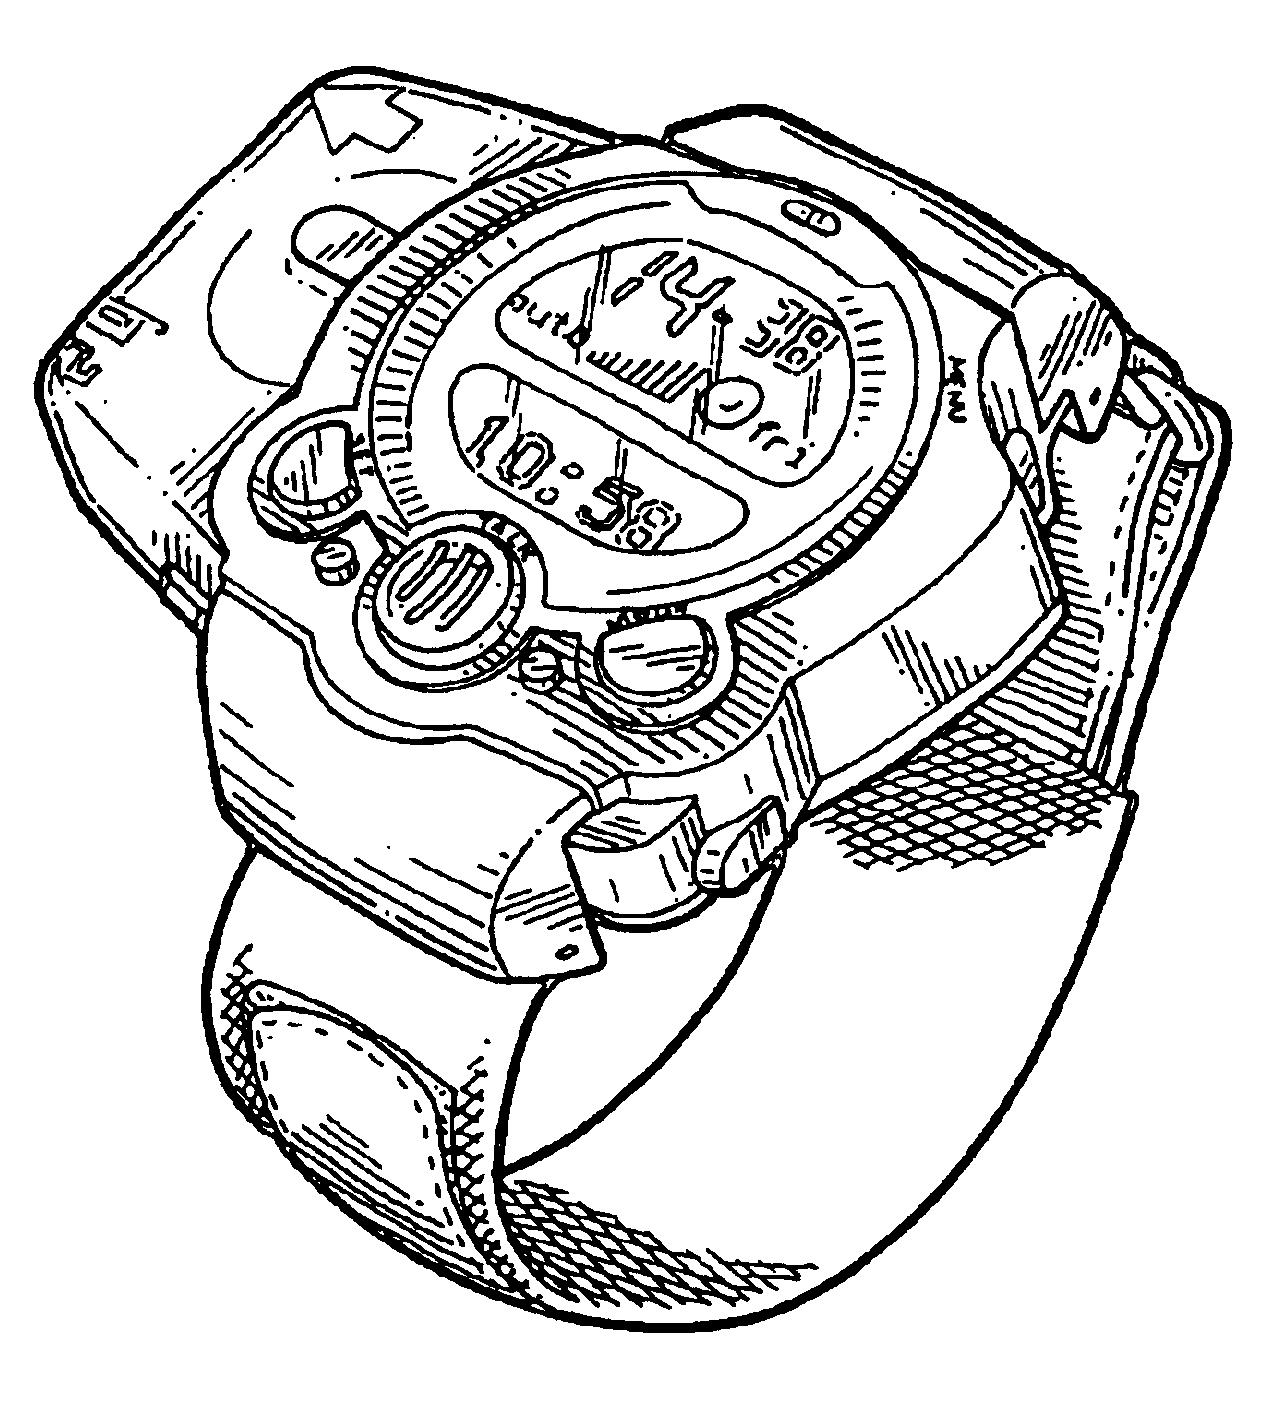 Dibujo Para Imprimir Y Colorear De Reloj De Ben 10